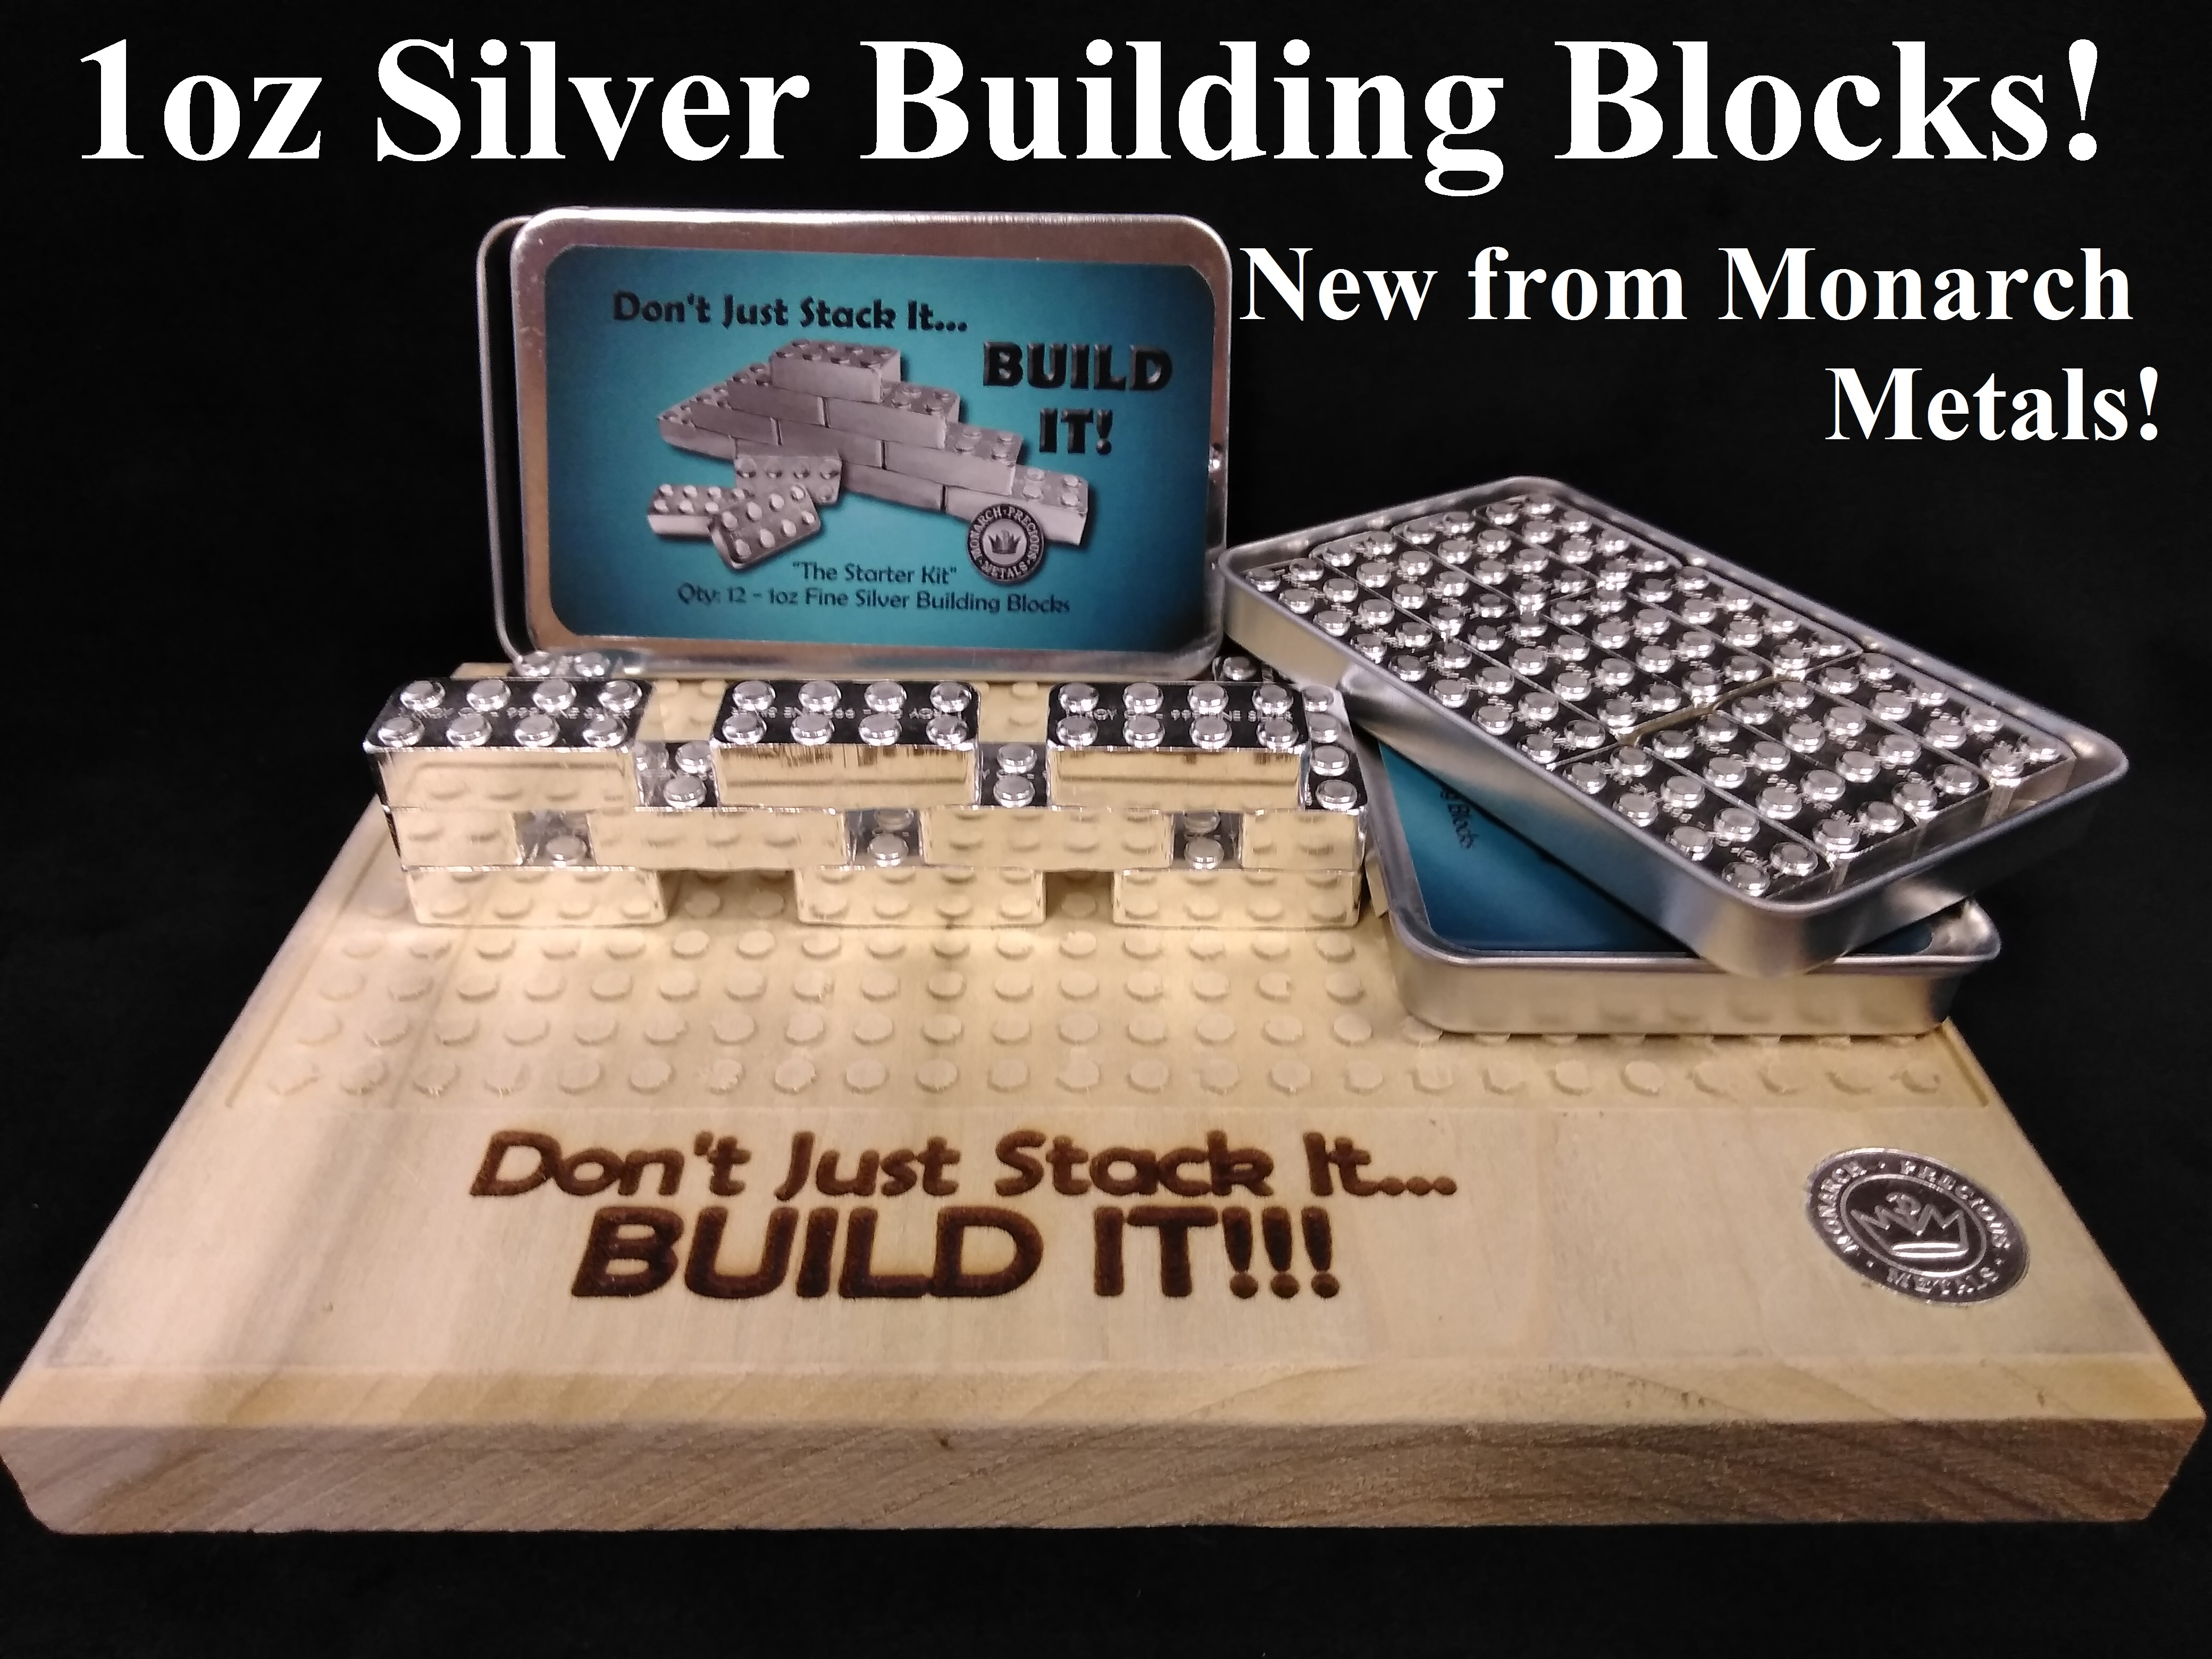 Silver Building Blocks